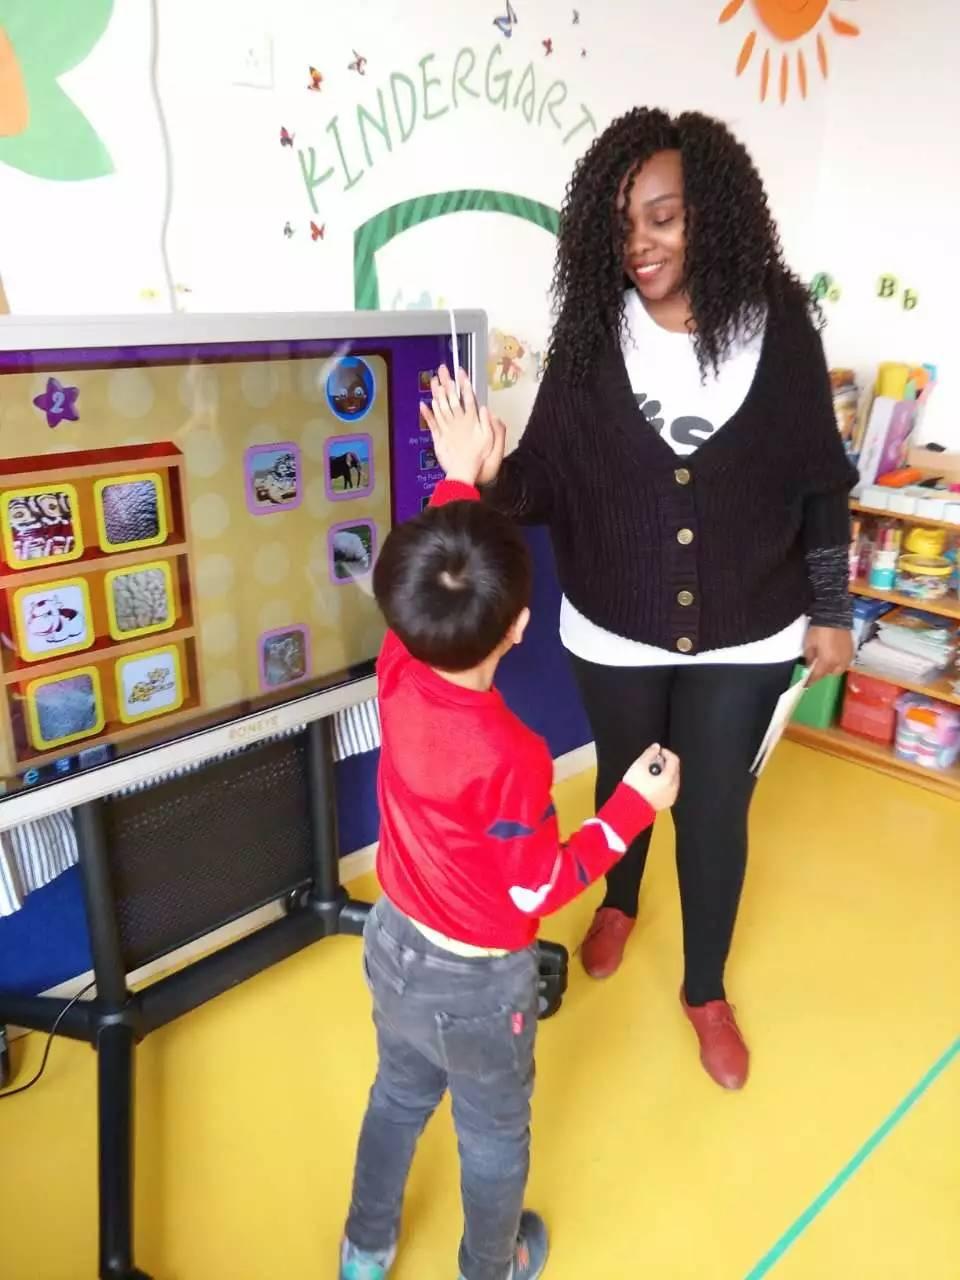 廊坊市安次区第二实验幼儿园照片1